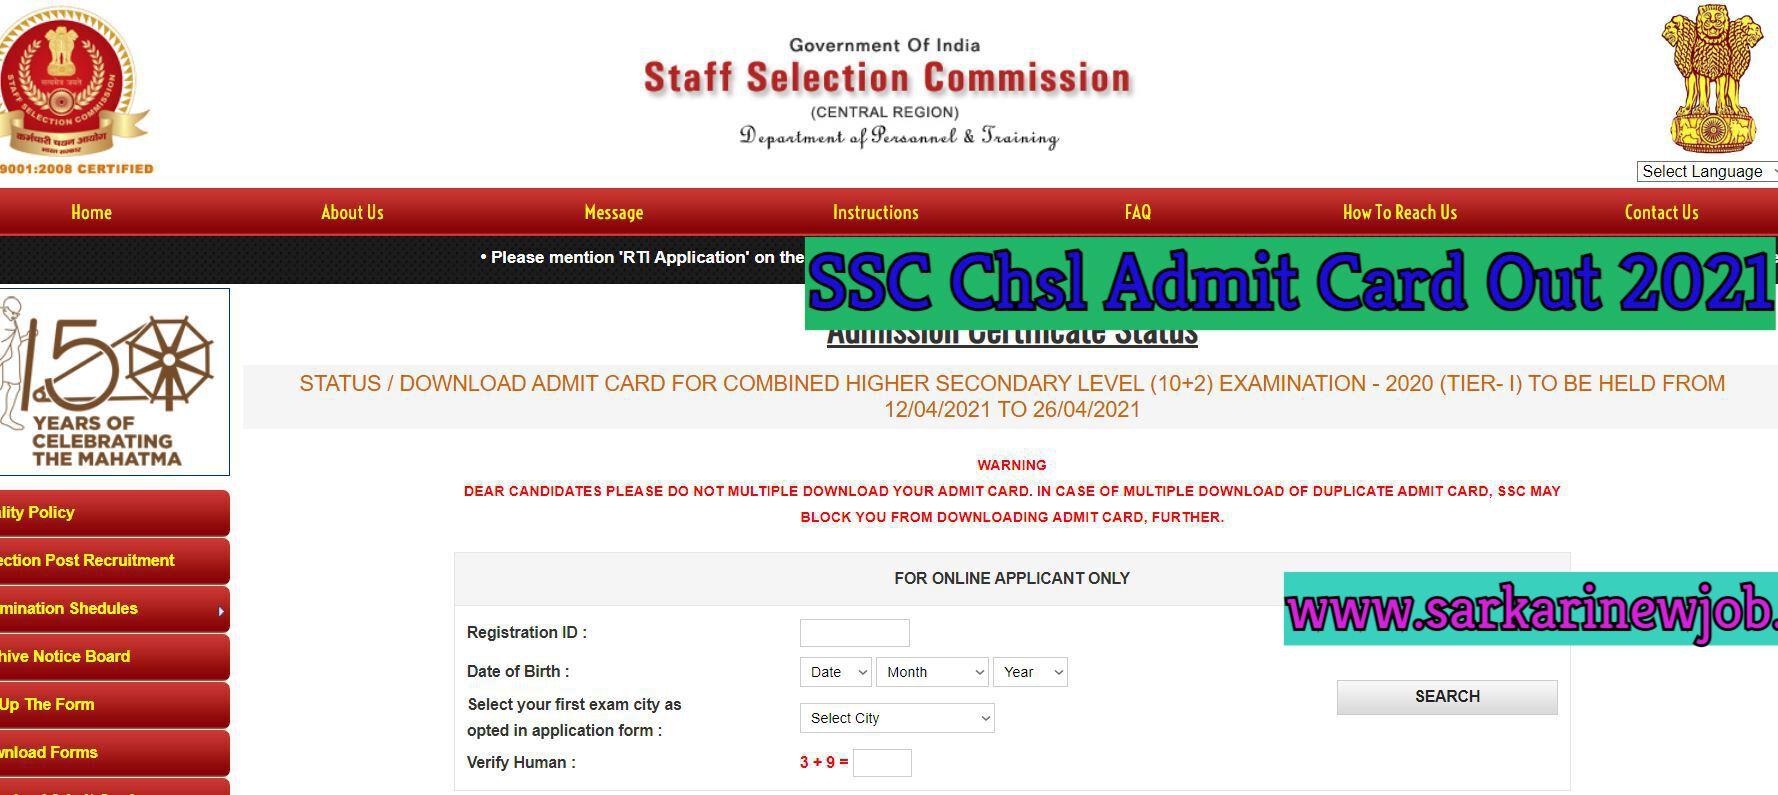 SSC CHSL Admit Card 2021 SSC CHSL Admit Card 2021 Download Kaise Kre, ssc chsl 2021 admit card release date